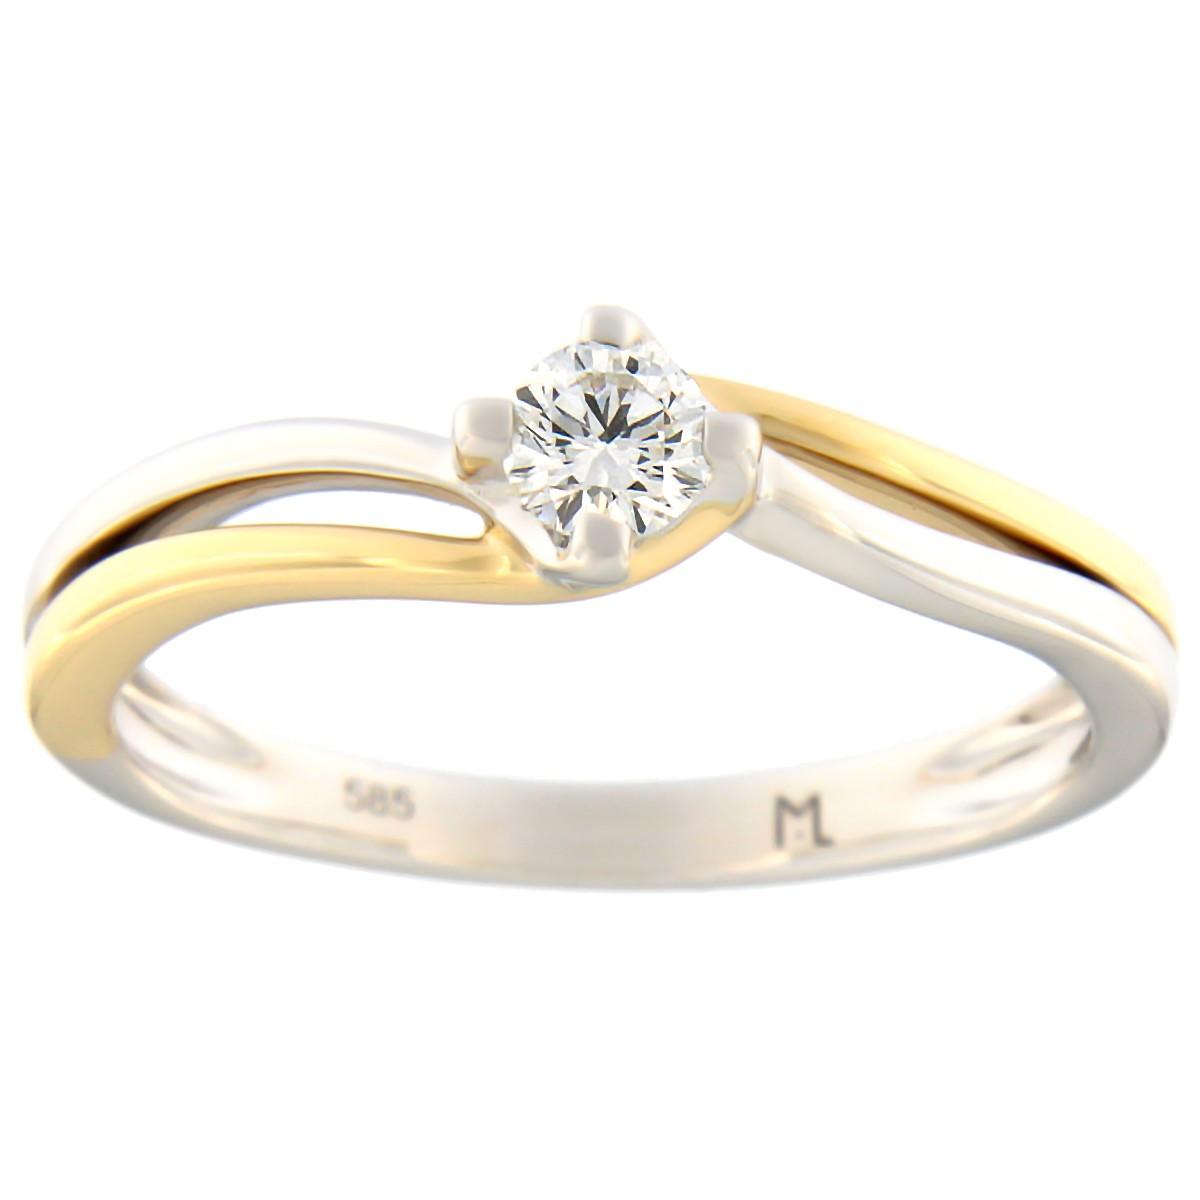 Kullast sõrmus teemantidega 0,16 ct. Kood: 78at